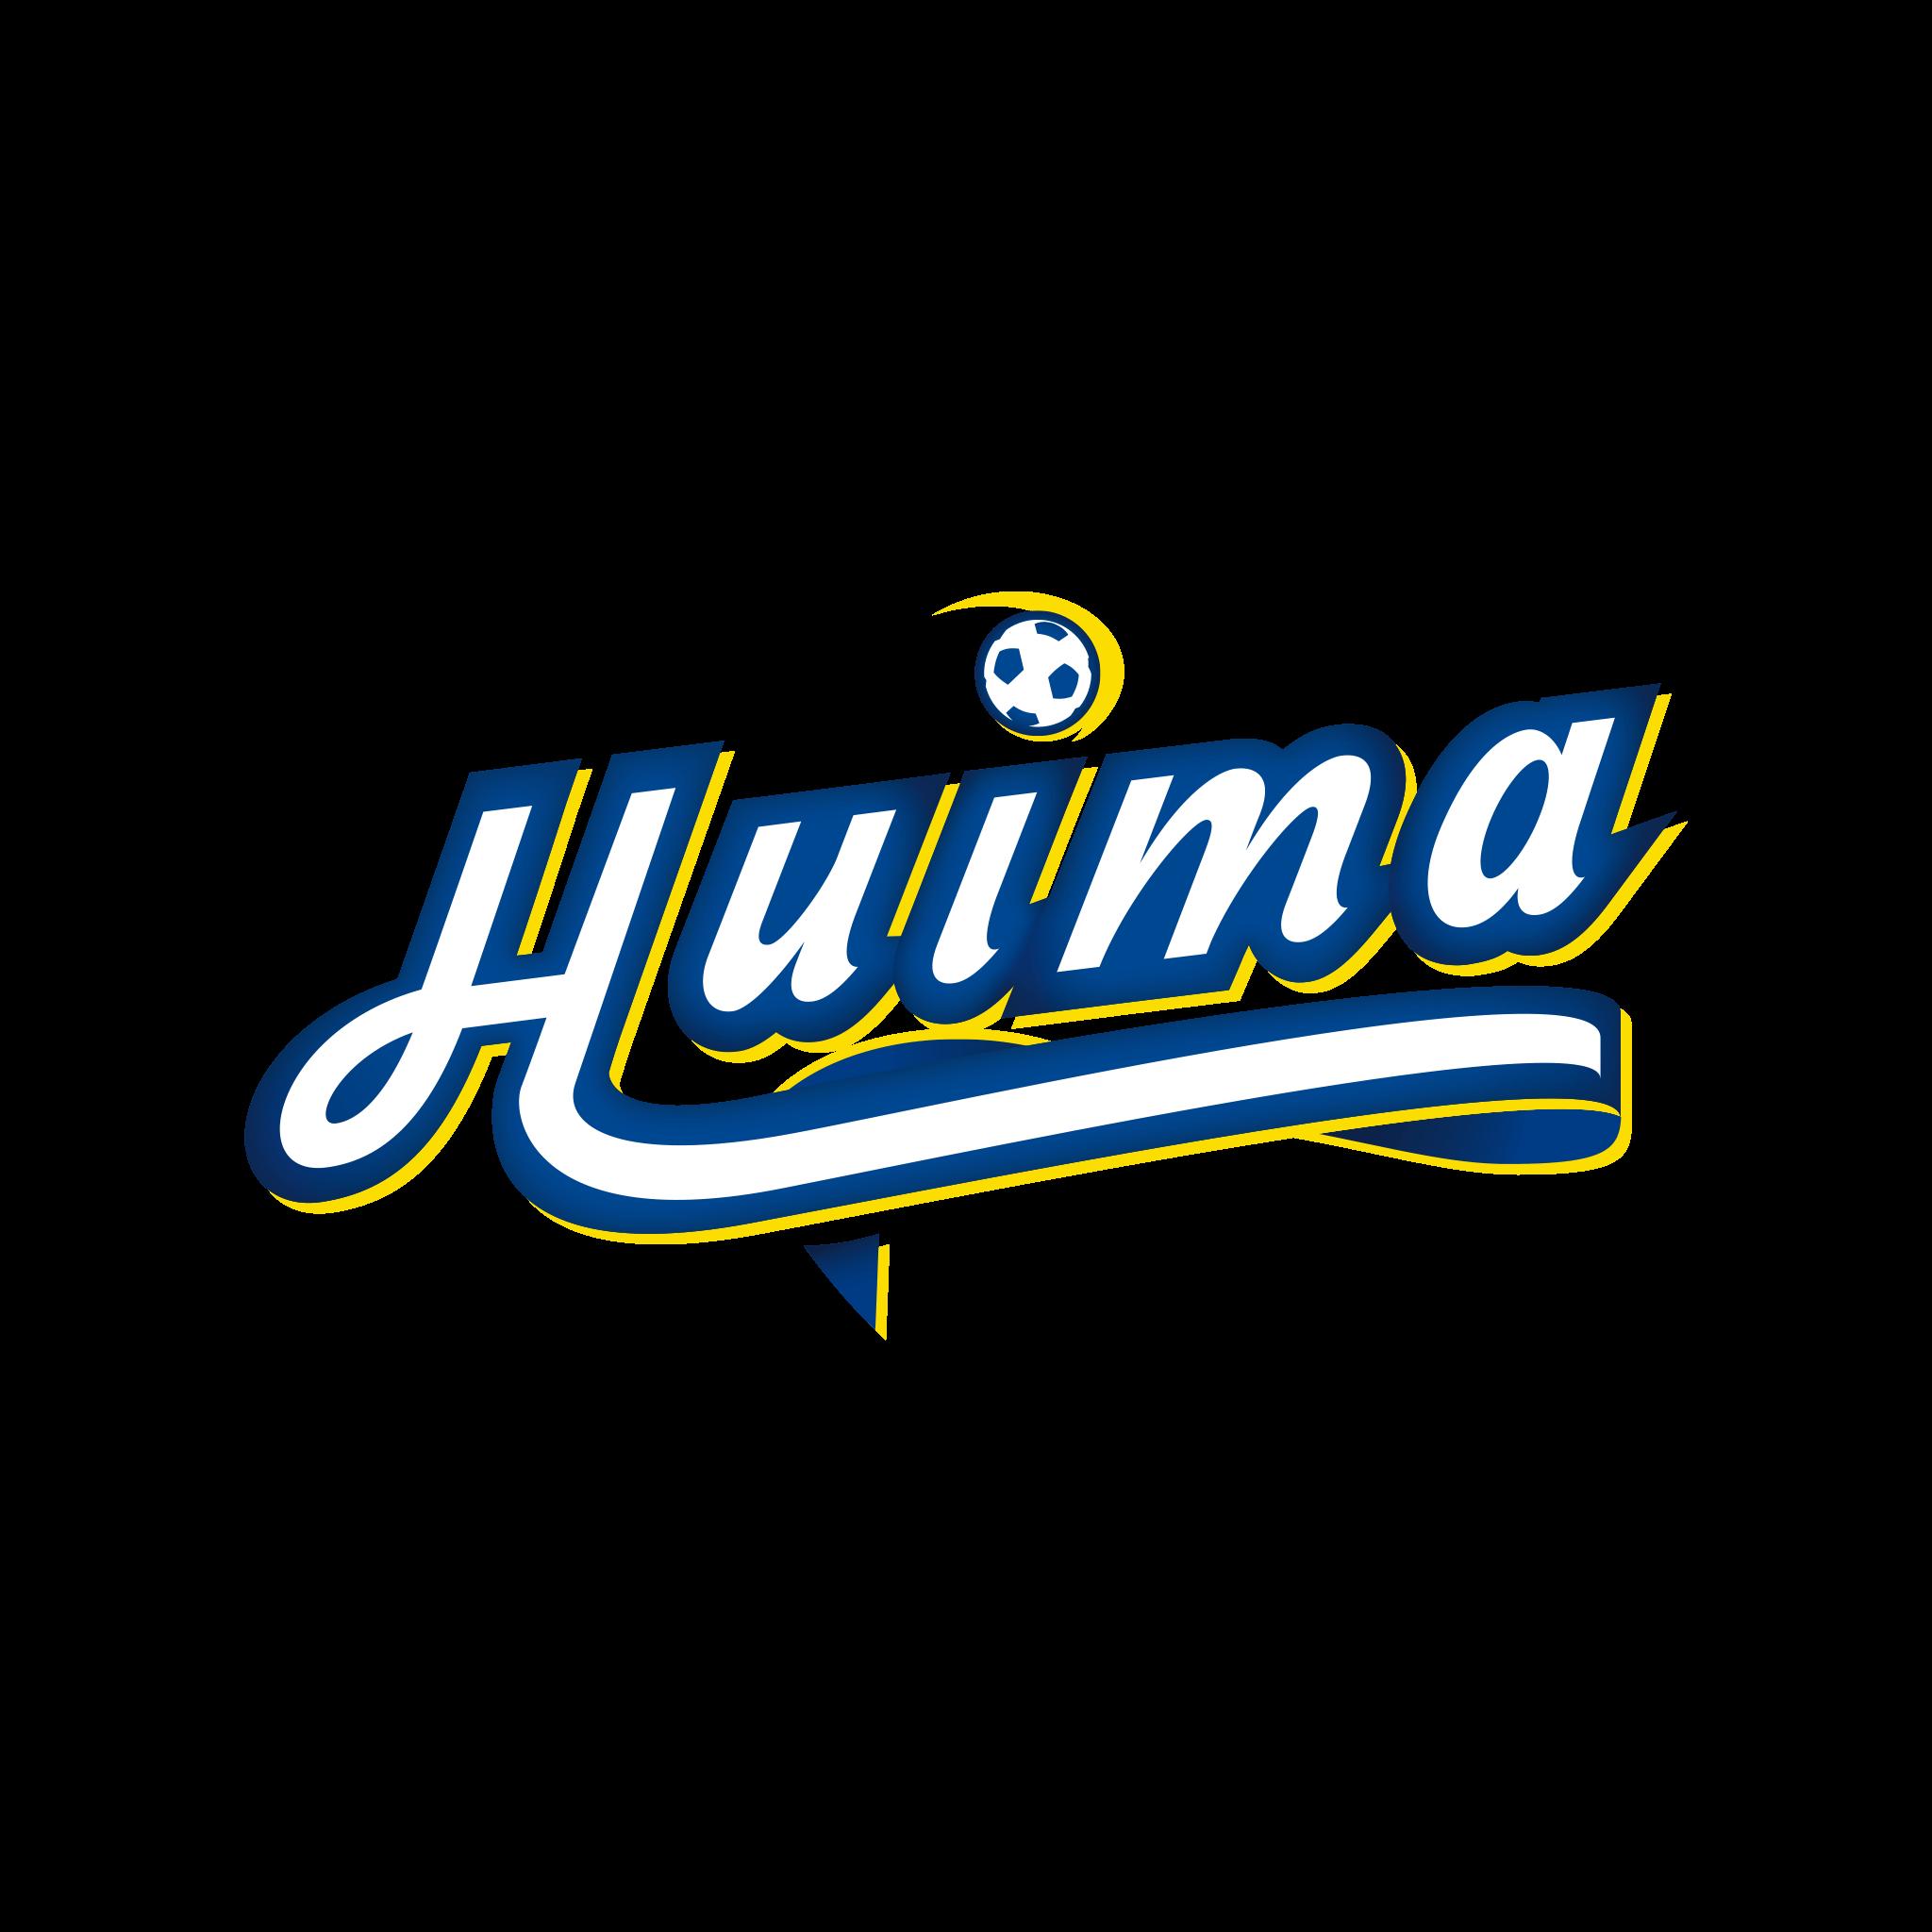 graafinen suunnittelu-äänekosken huima juniorijalkapallo-tekstilogo